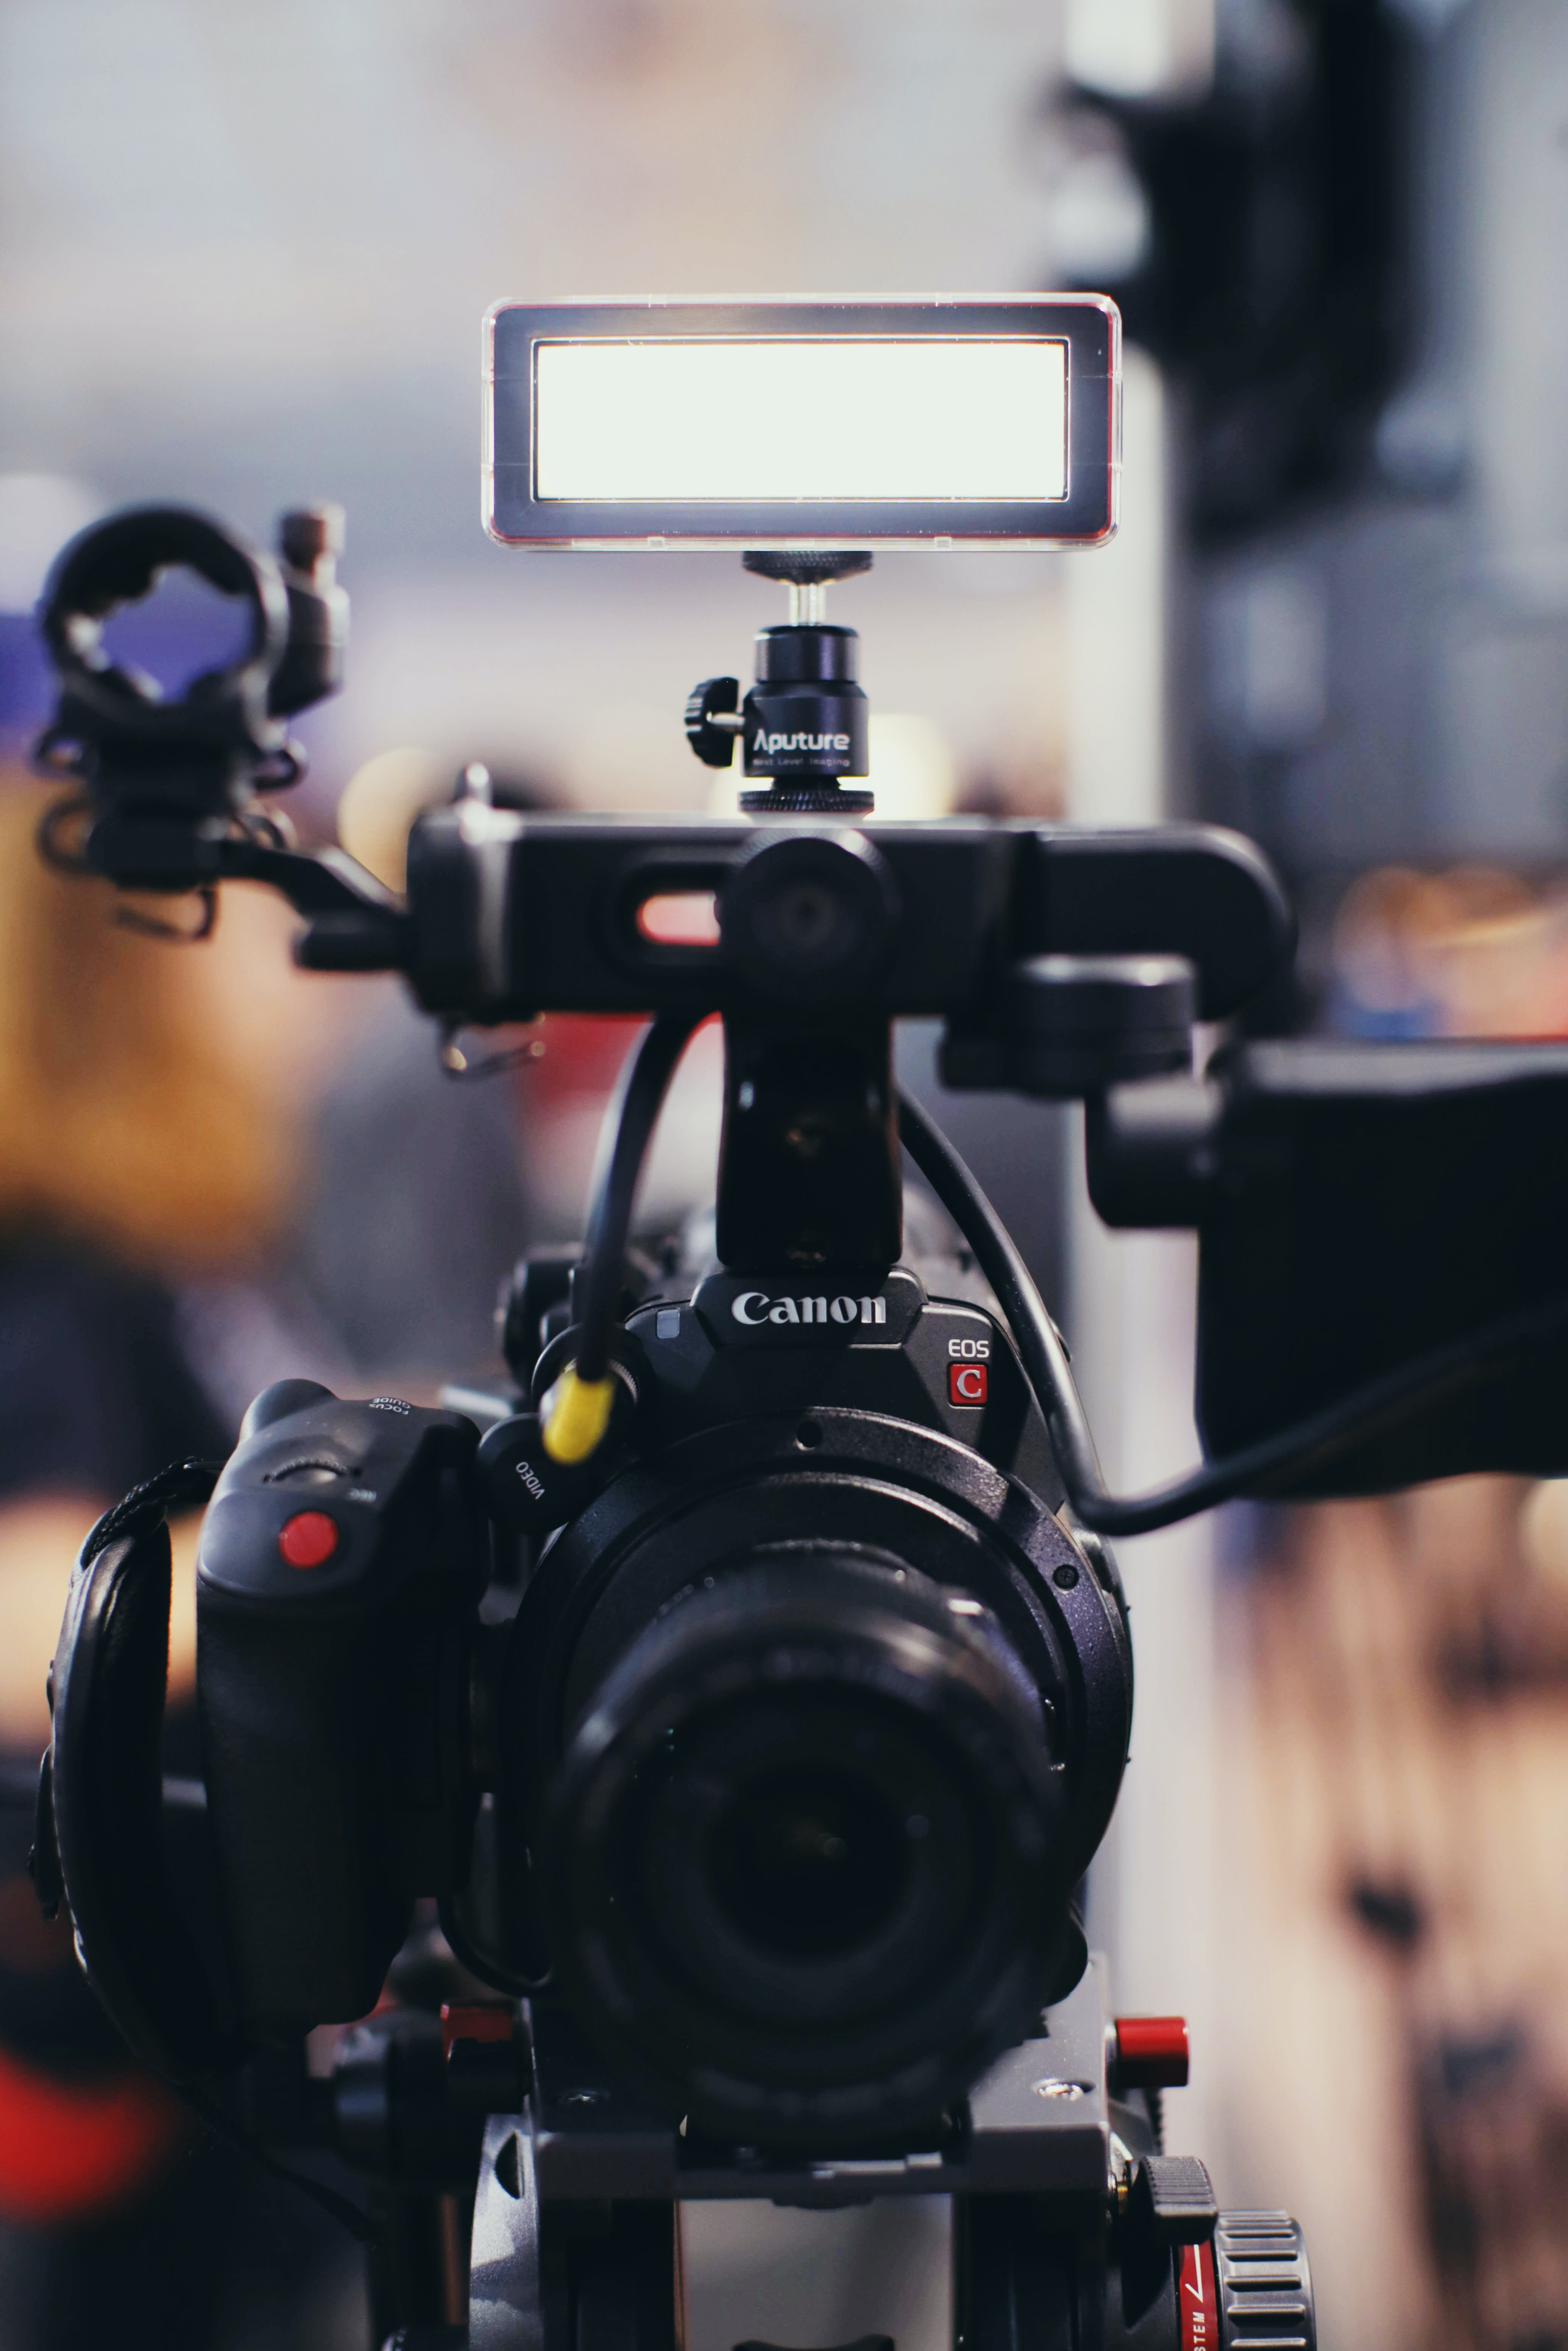 Kostenloses Stock Foto zu action, ausrüstung, blitz, camcorder